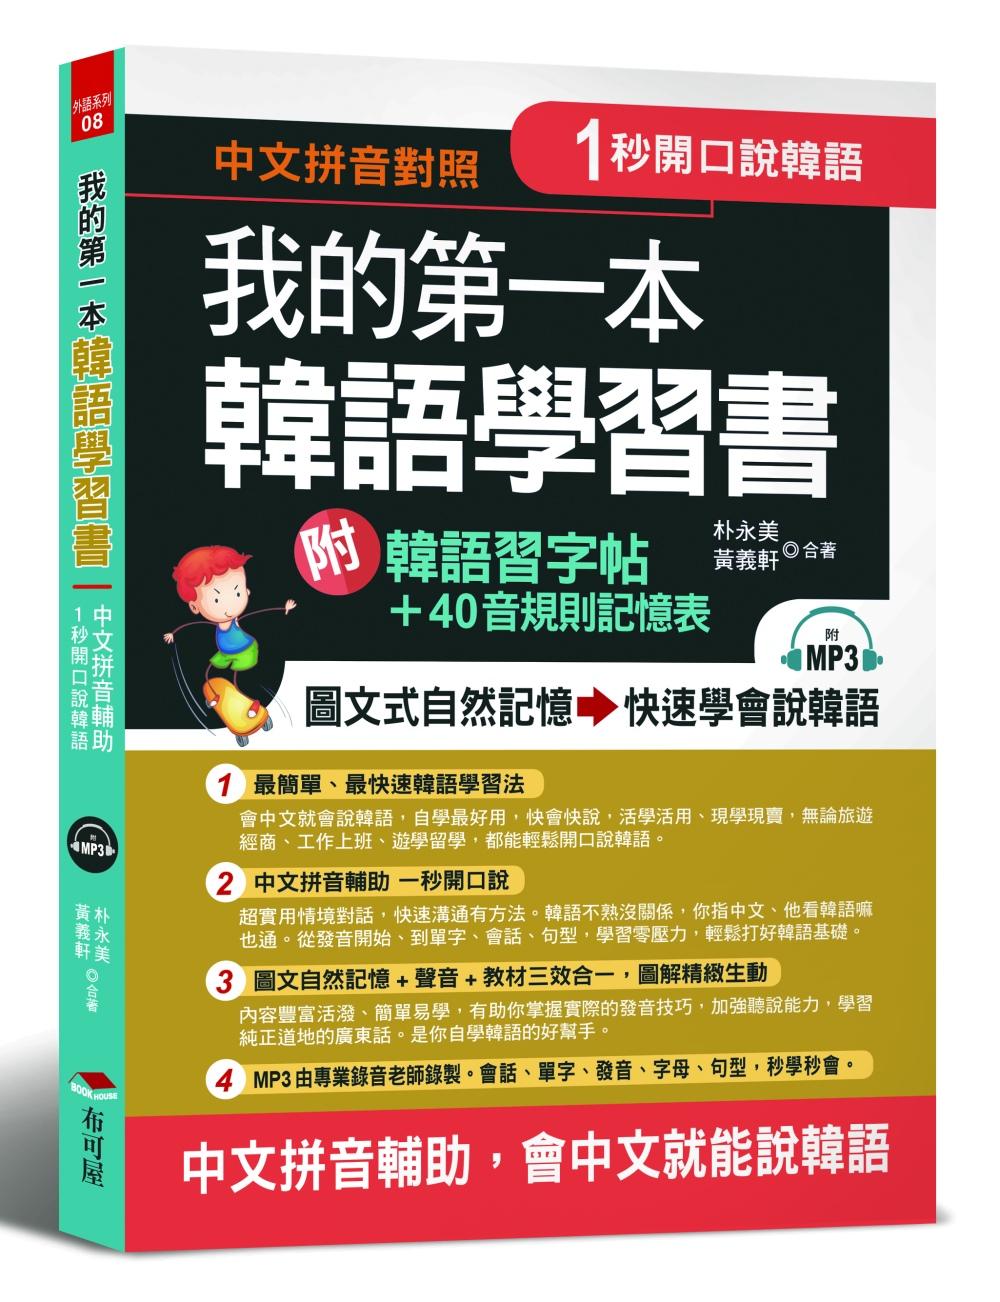 我的第一本韓語學習書:中文拼音輔助,1秒開口說韓語,附韓語習字帖 + 韓語40音規則記憶表(附MP3)